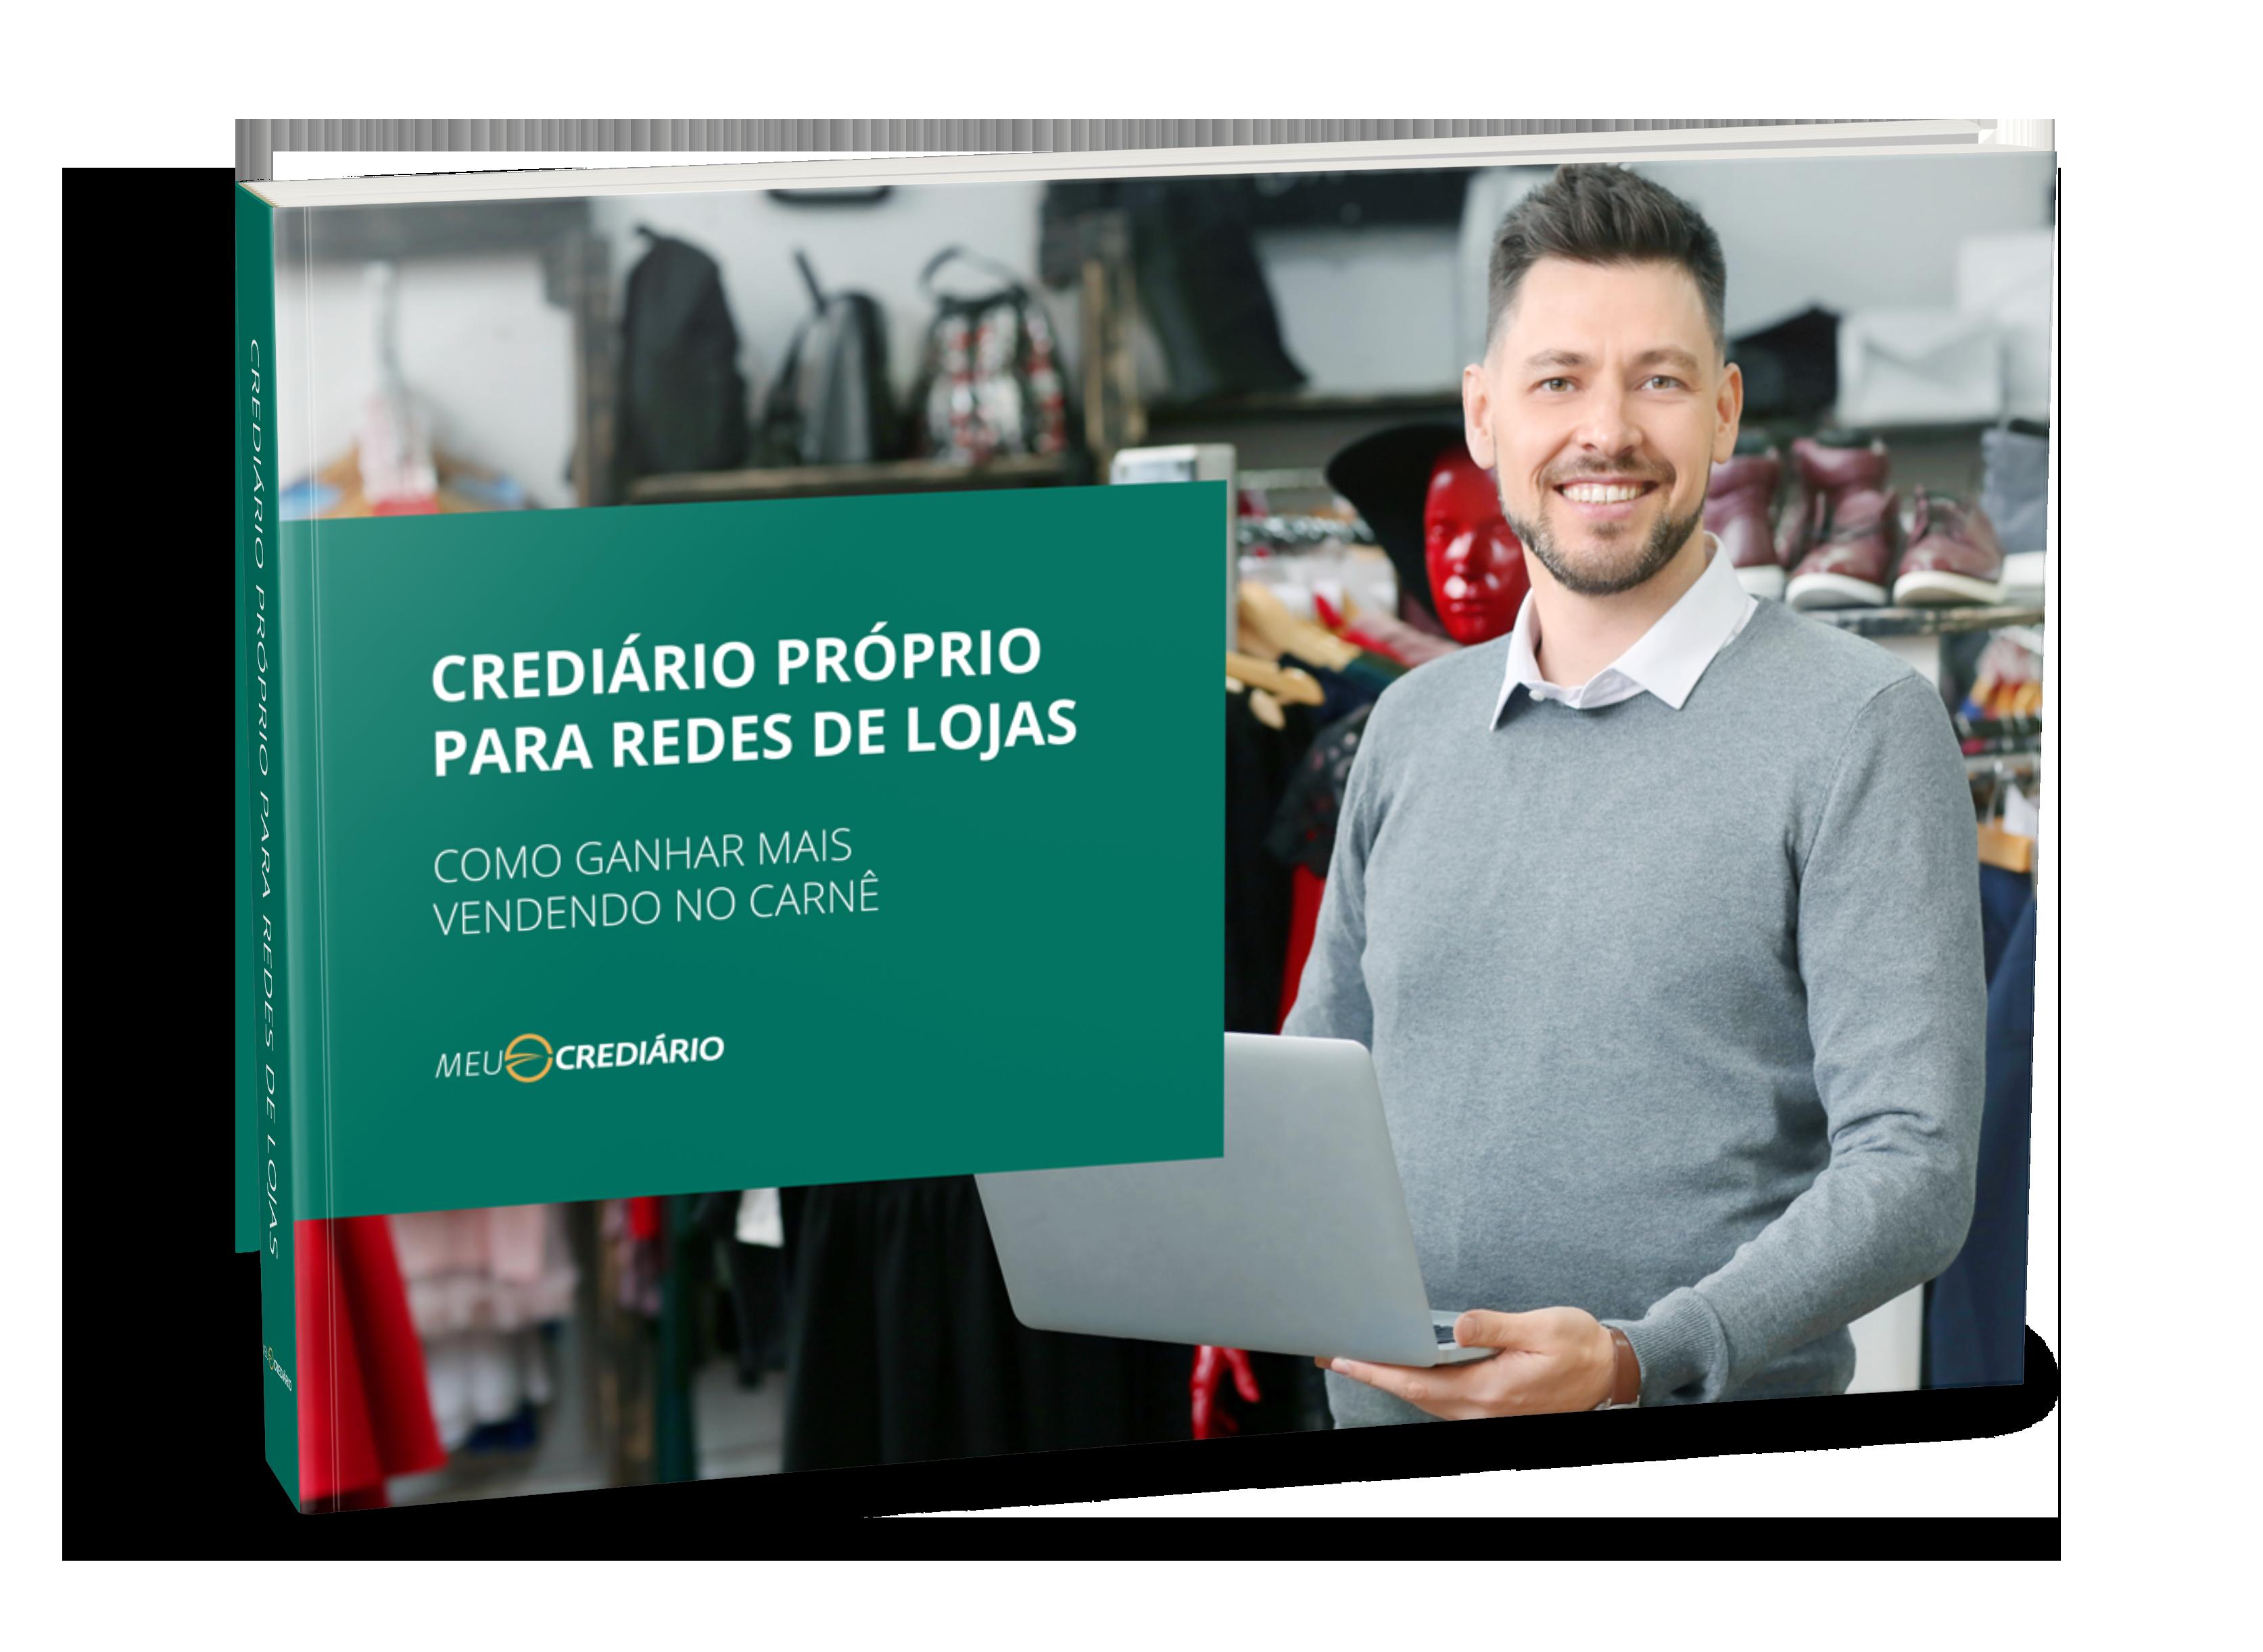 crediario-proprio-redes-lojas